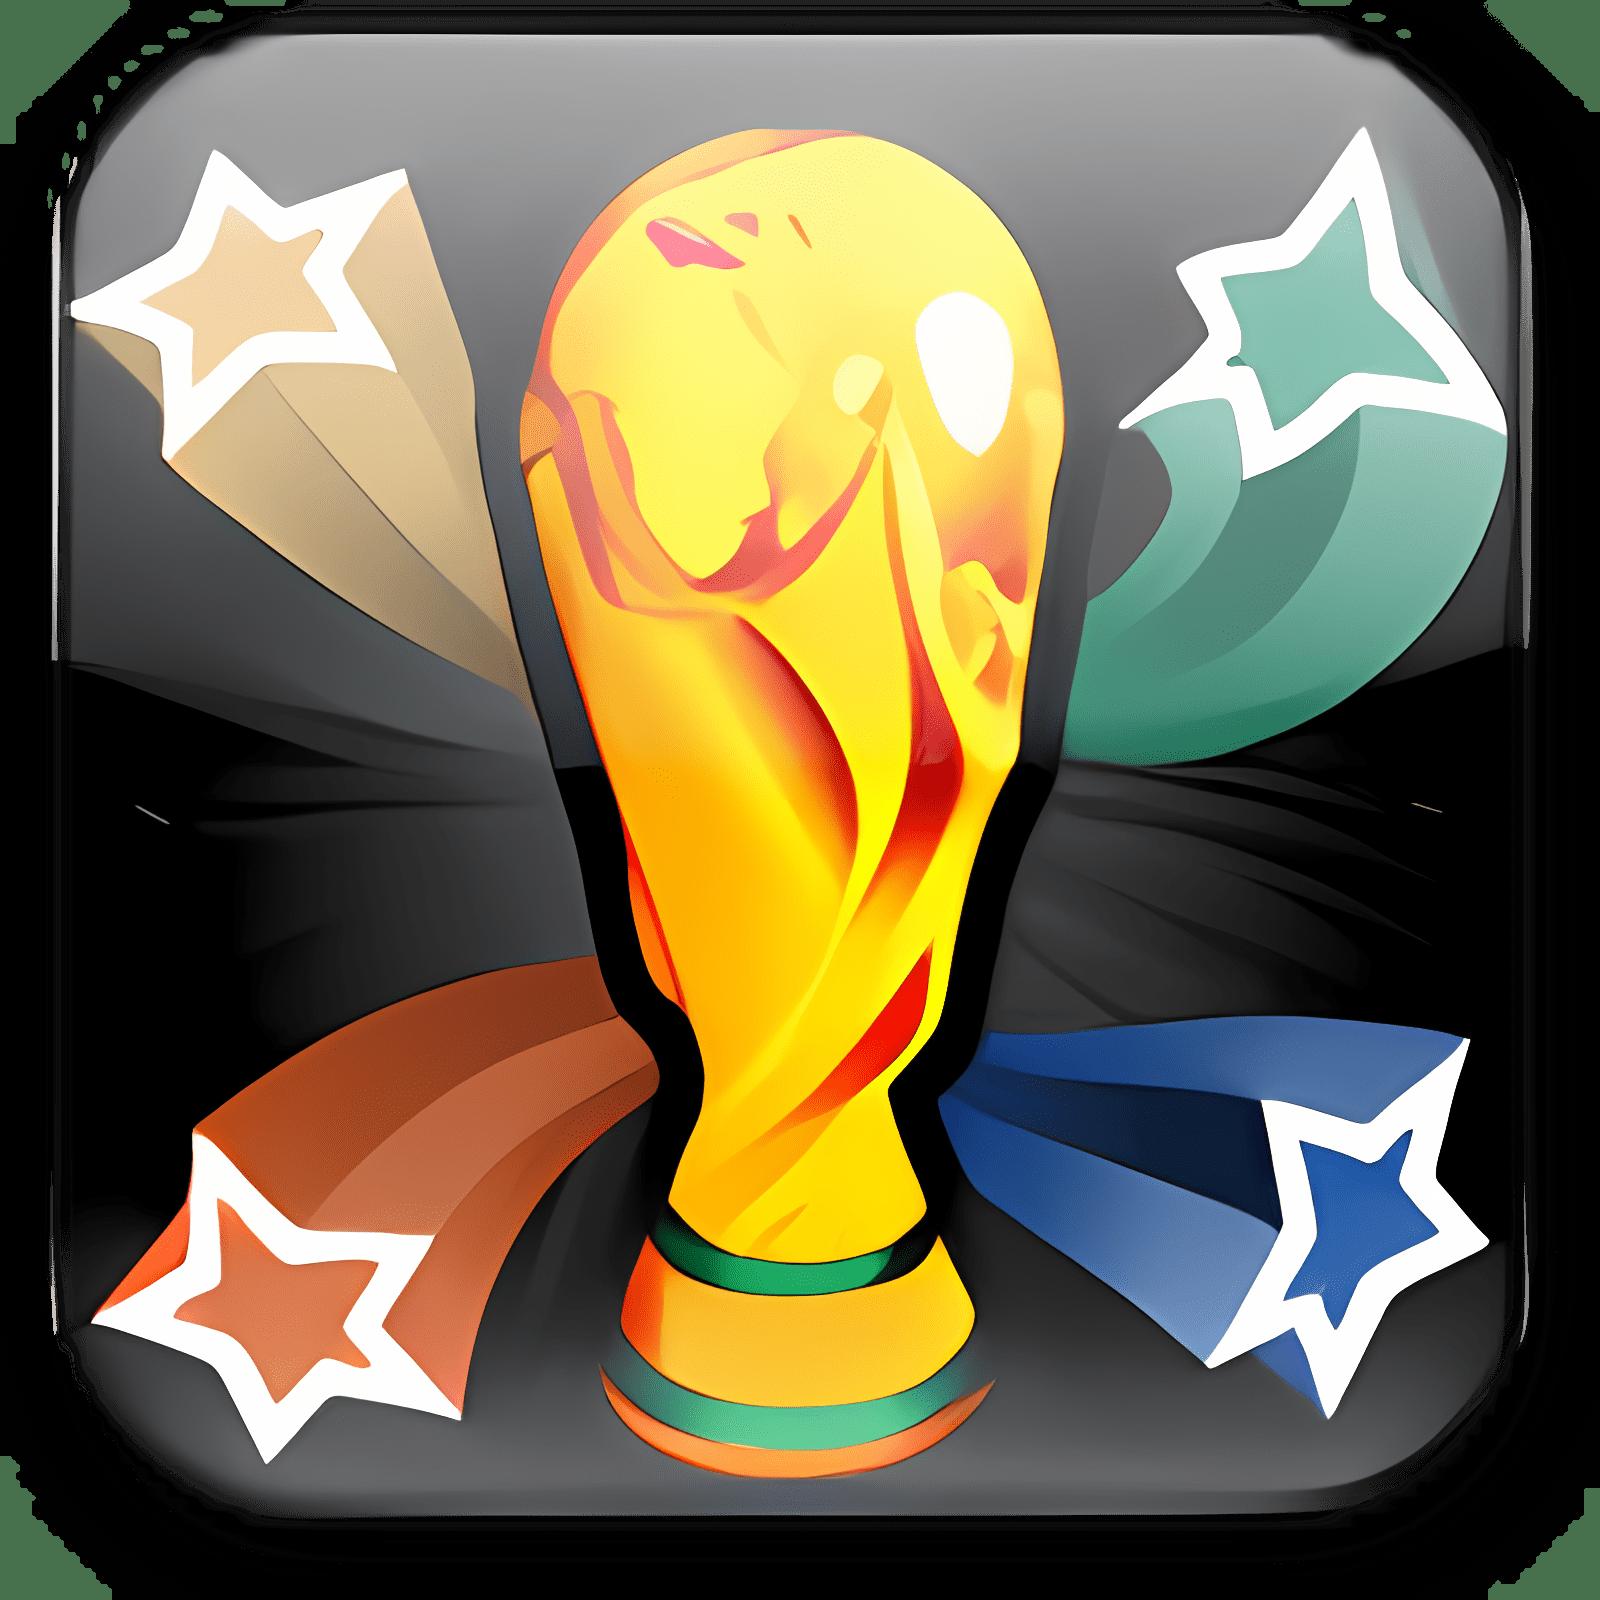 El Mundial 2010 1.0